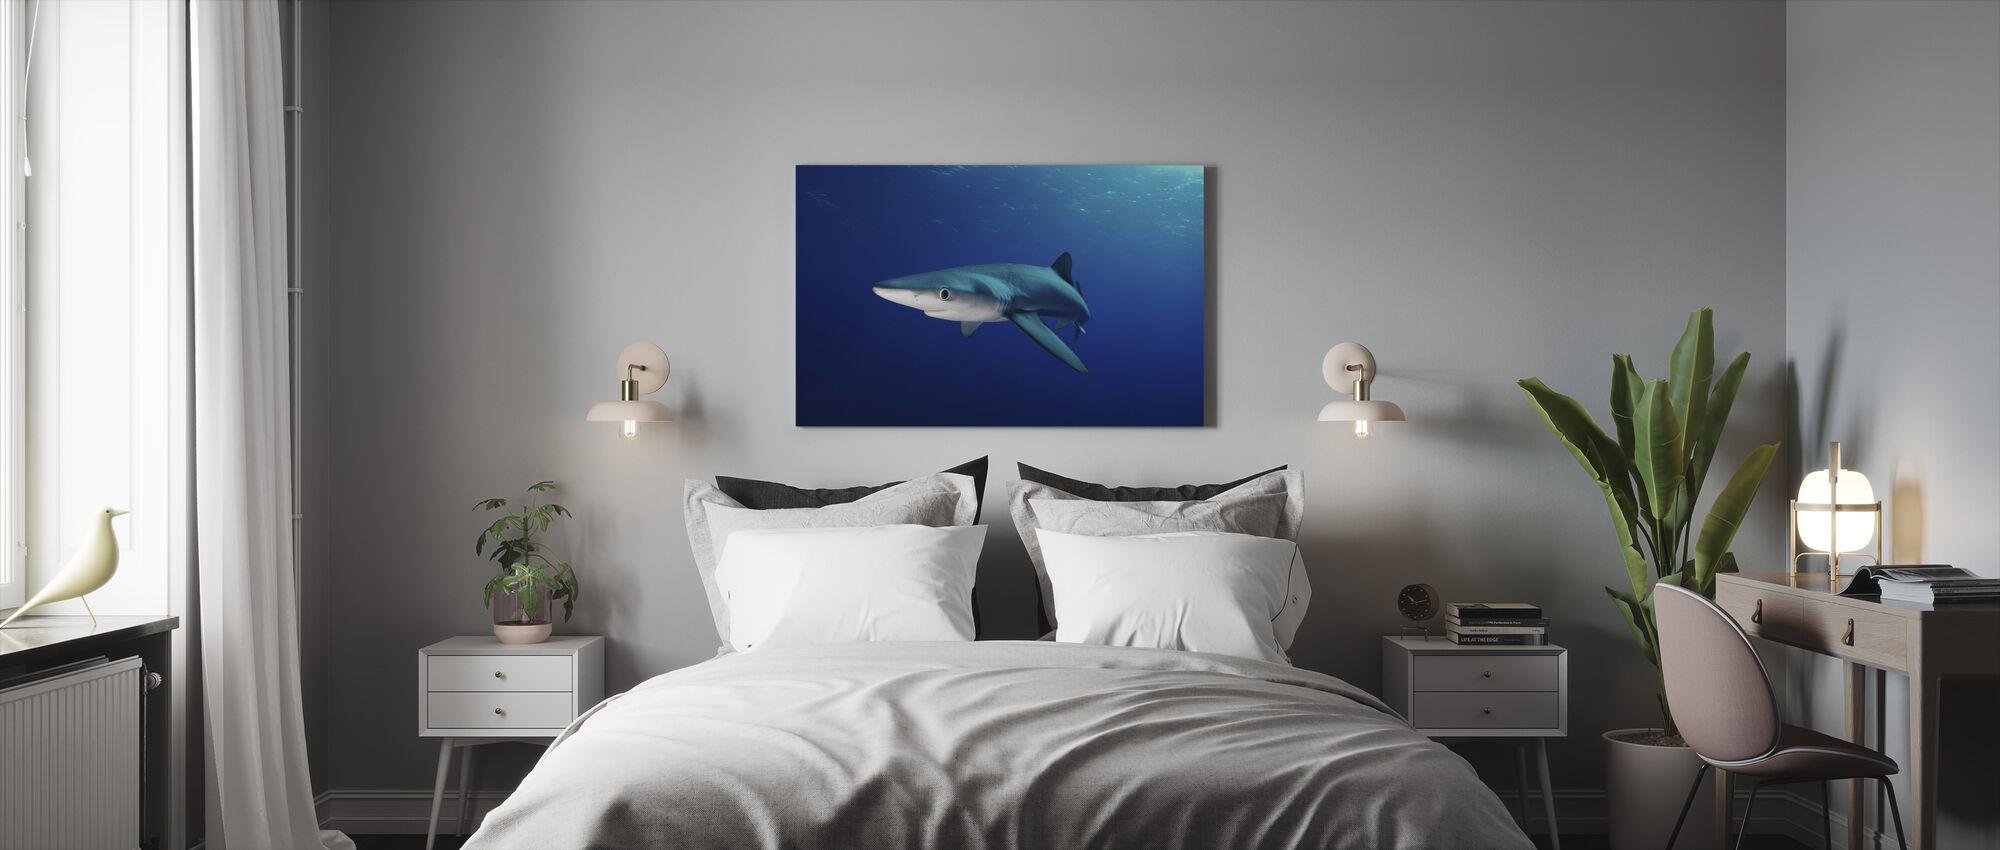 Lone blå haj - Canvastavla - Sovrum